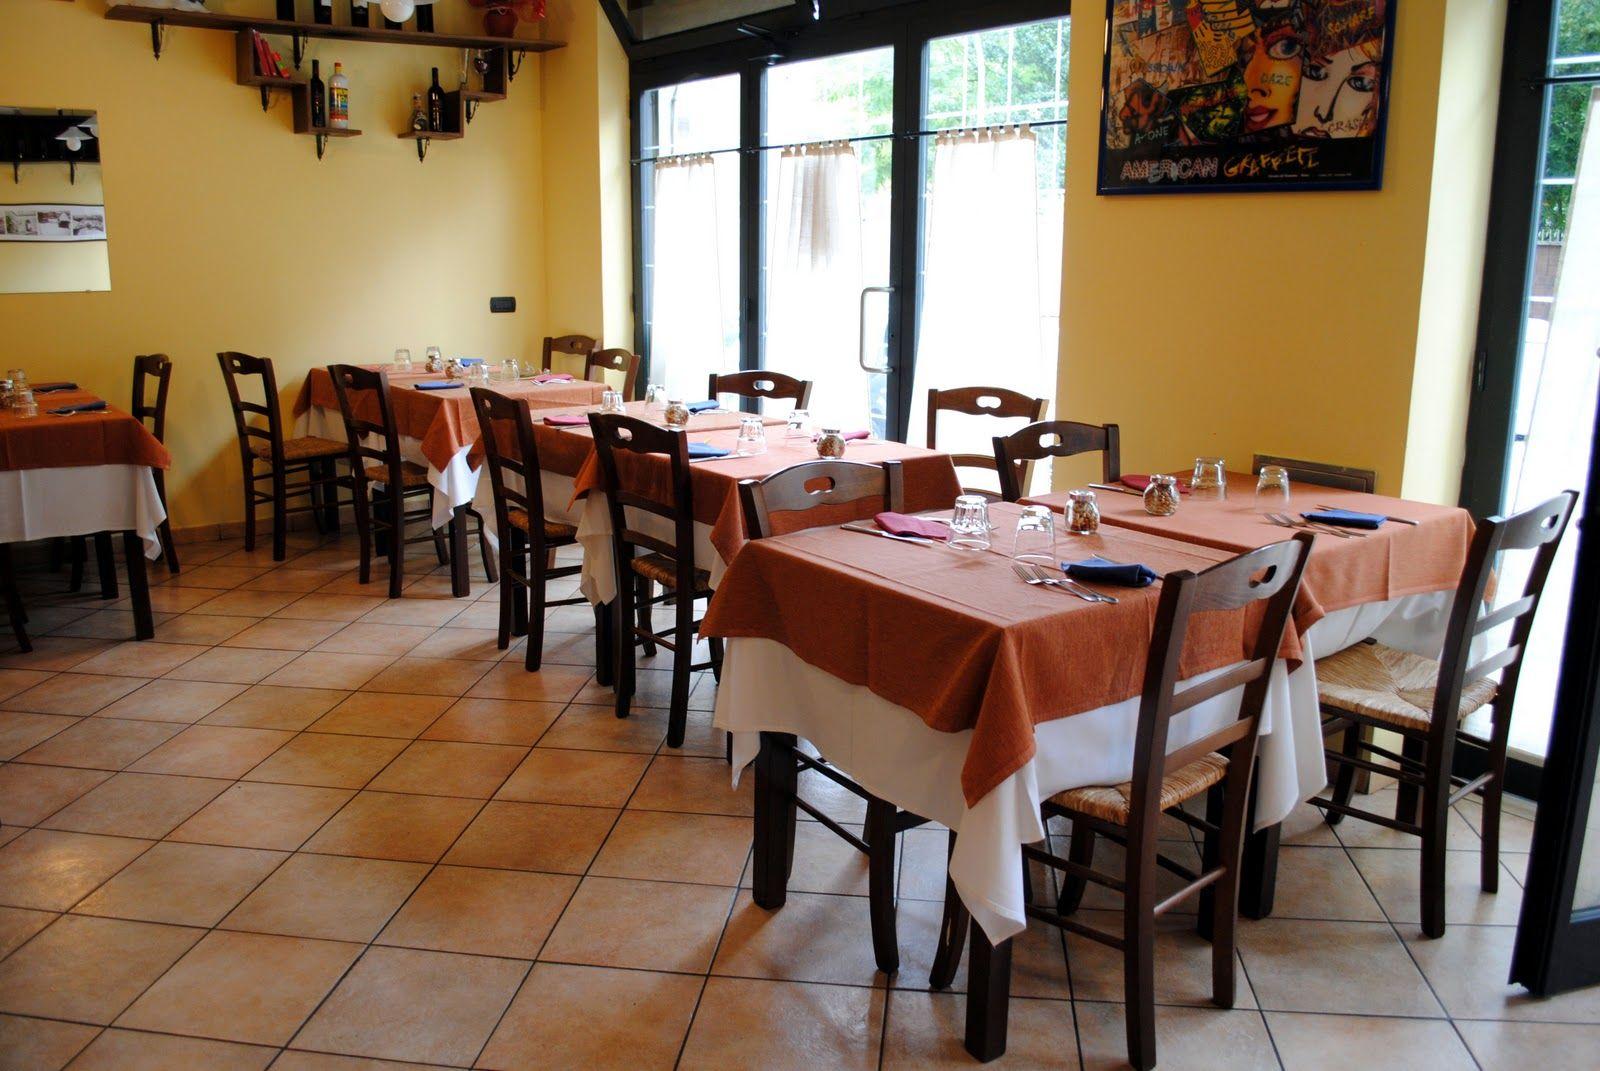 Osteria di monteverde puntarella rossa - Osteria di fuori porta padova ...